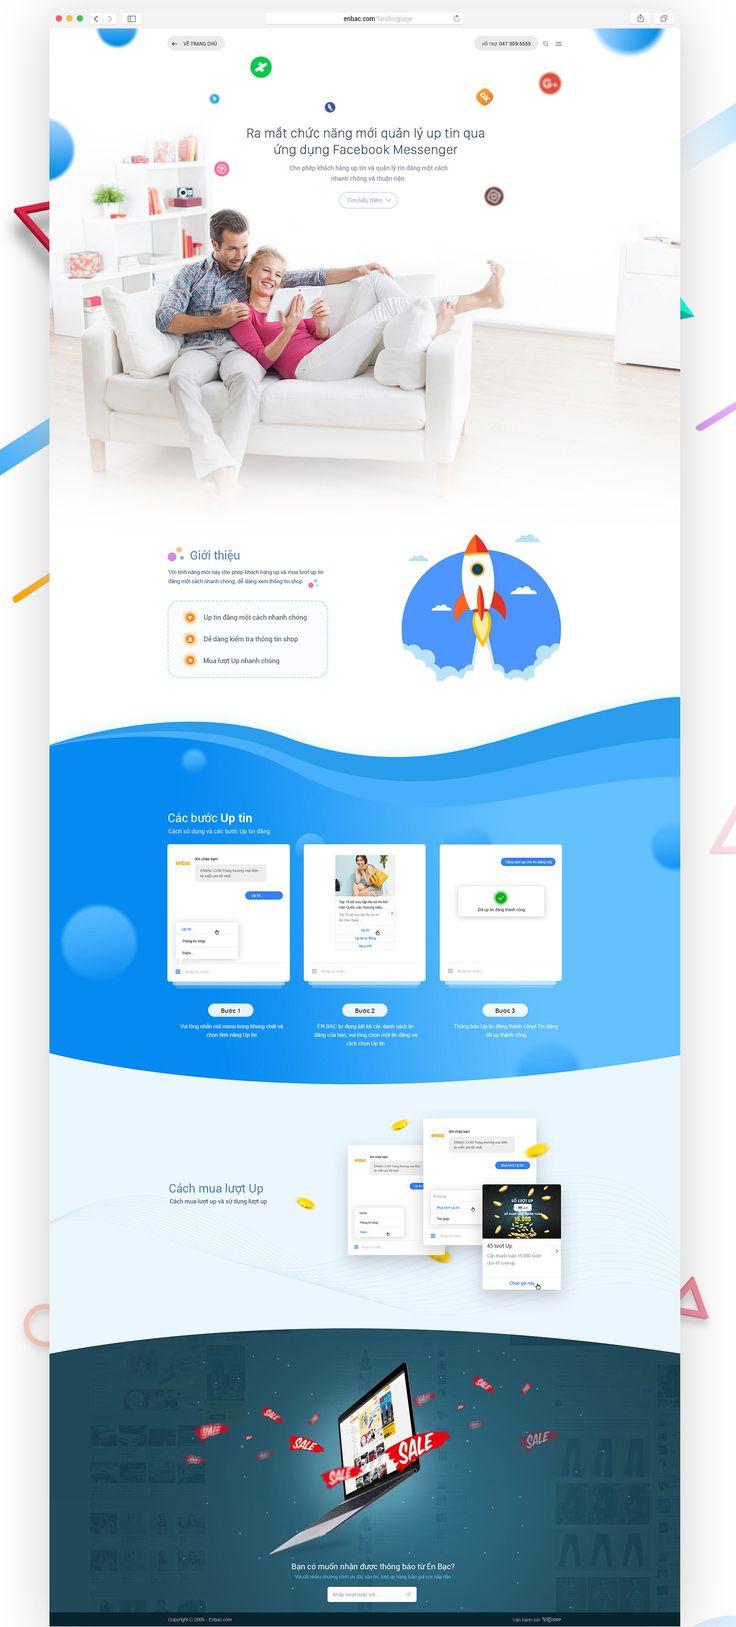 Landing page giới thiệu tính năng quản lý và up tin đăng qua ứng dụng Facebook Messenger của Enbac.com